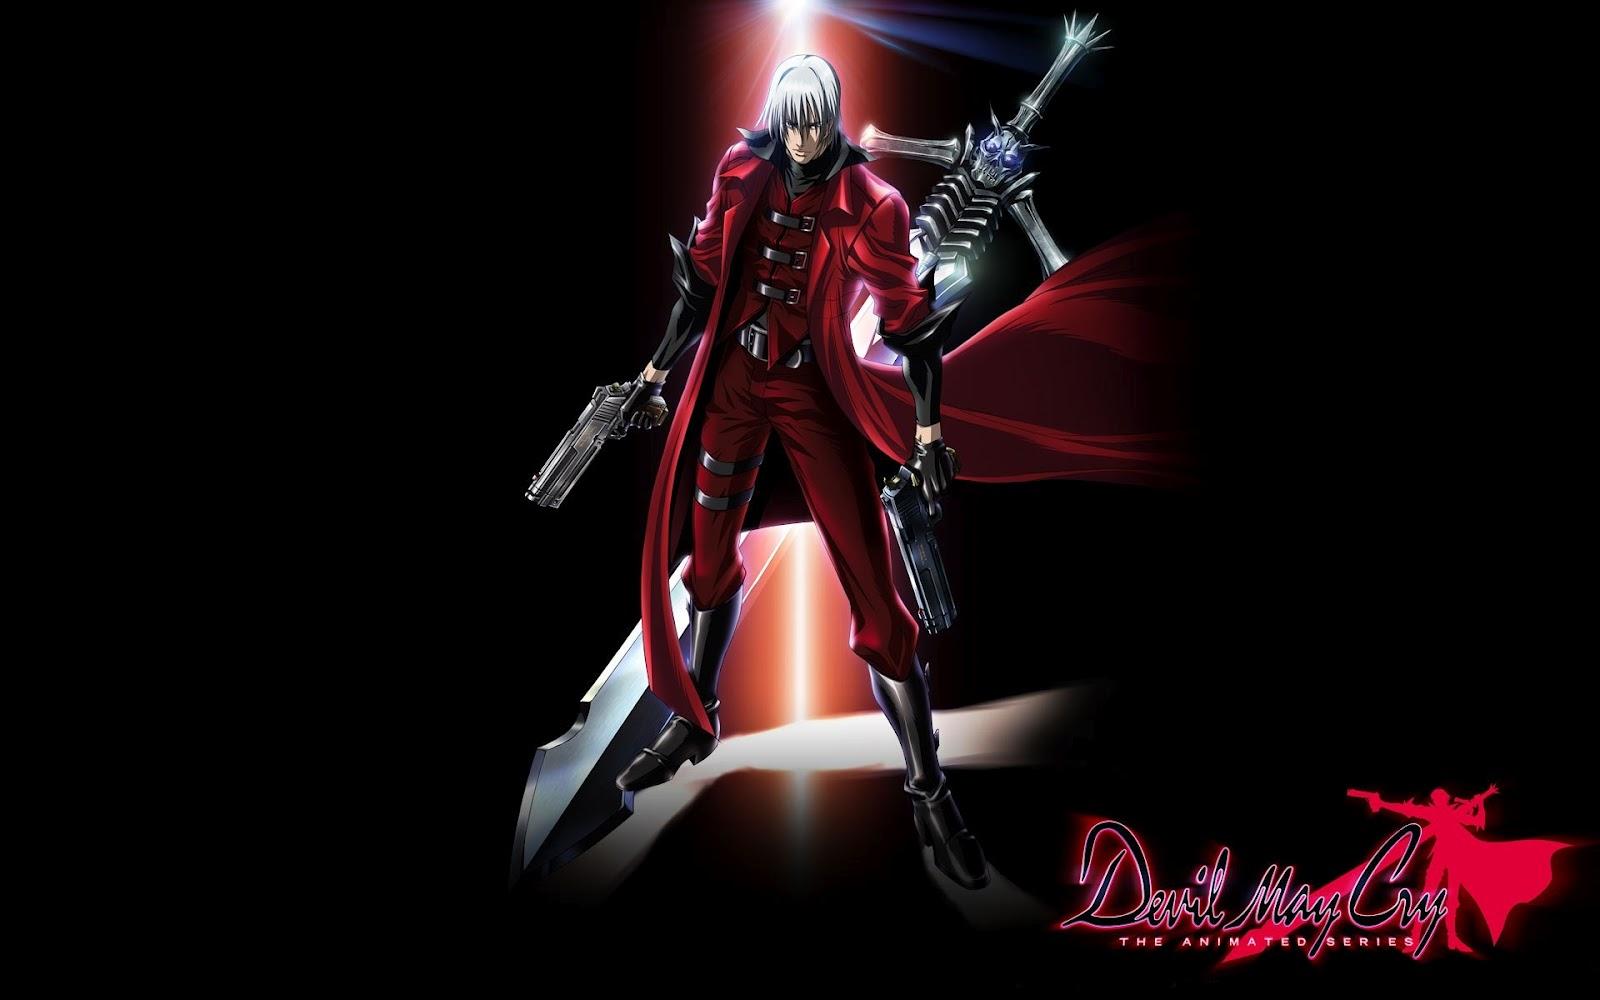 Демон против демонов выход анимэ 2007